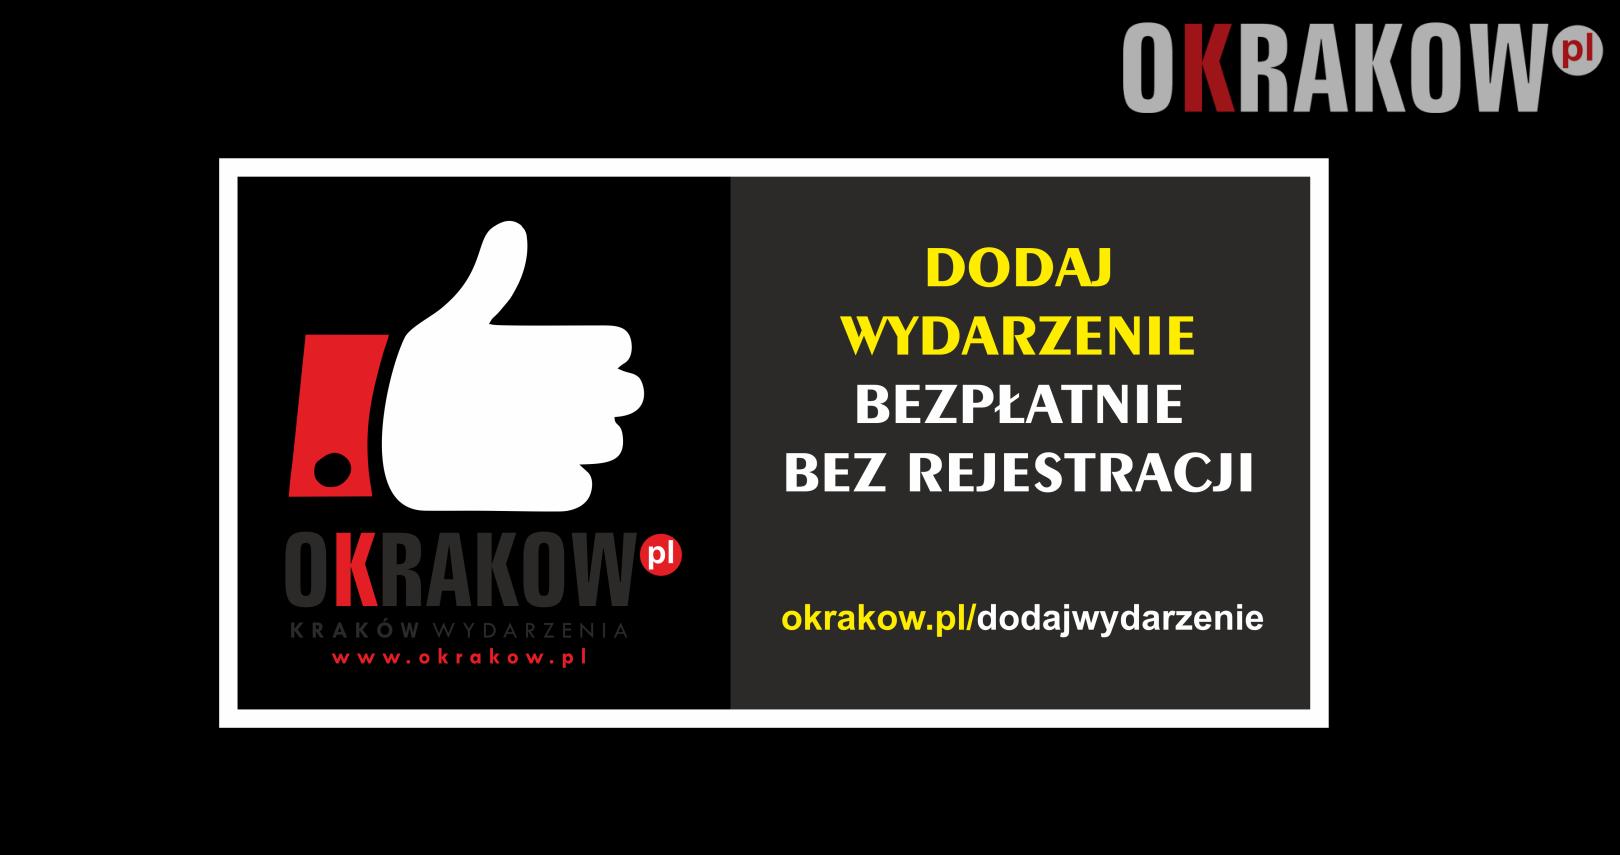 krakow wydarzenia - Promuj bezpłatnie swoje Krakowskie Wydarzenie dodaj wpis bez rejestracji.